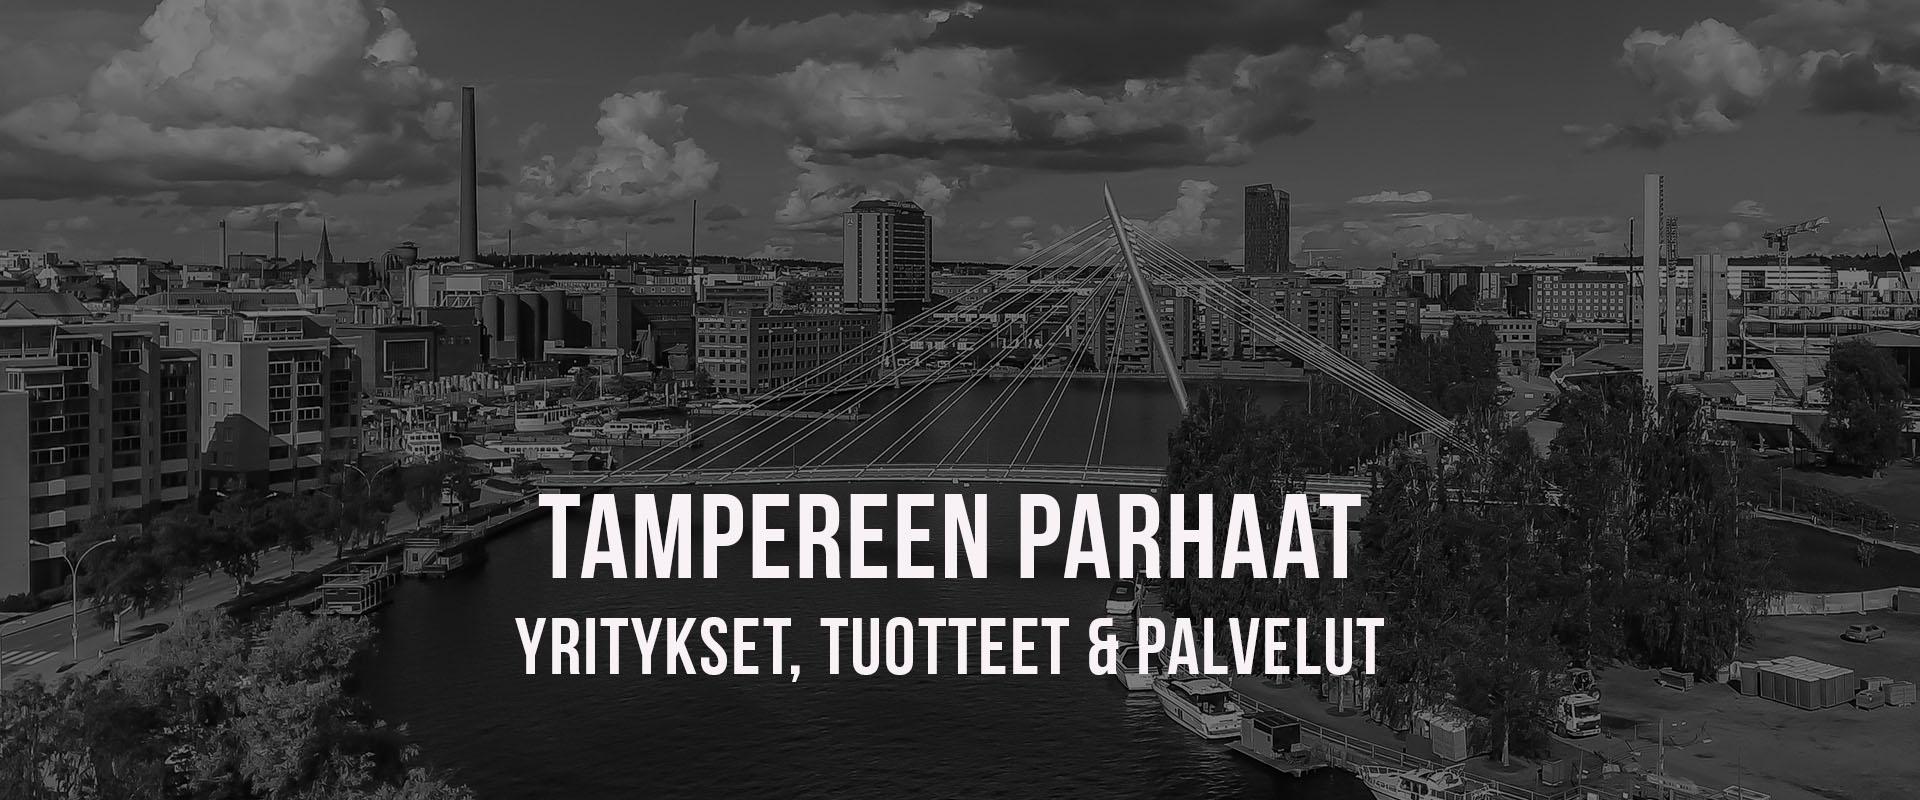 Tampereen parhaat yritykset, tuotteet ja palvelut